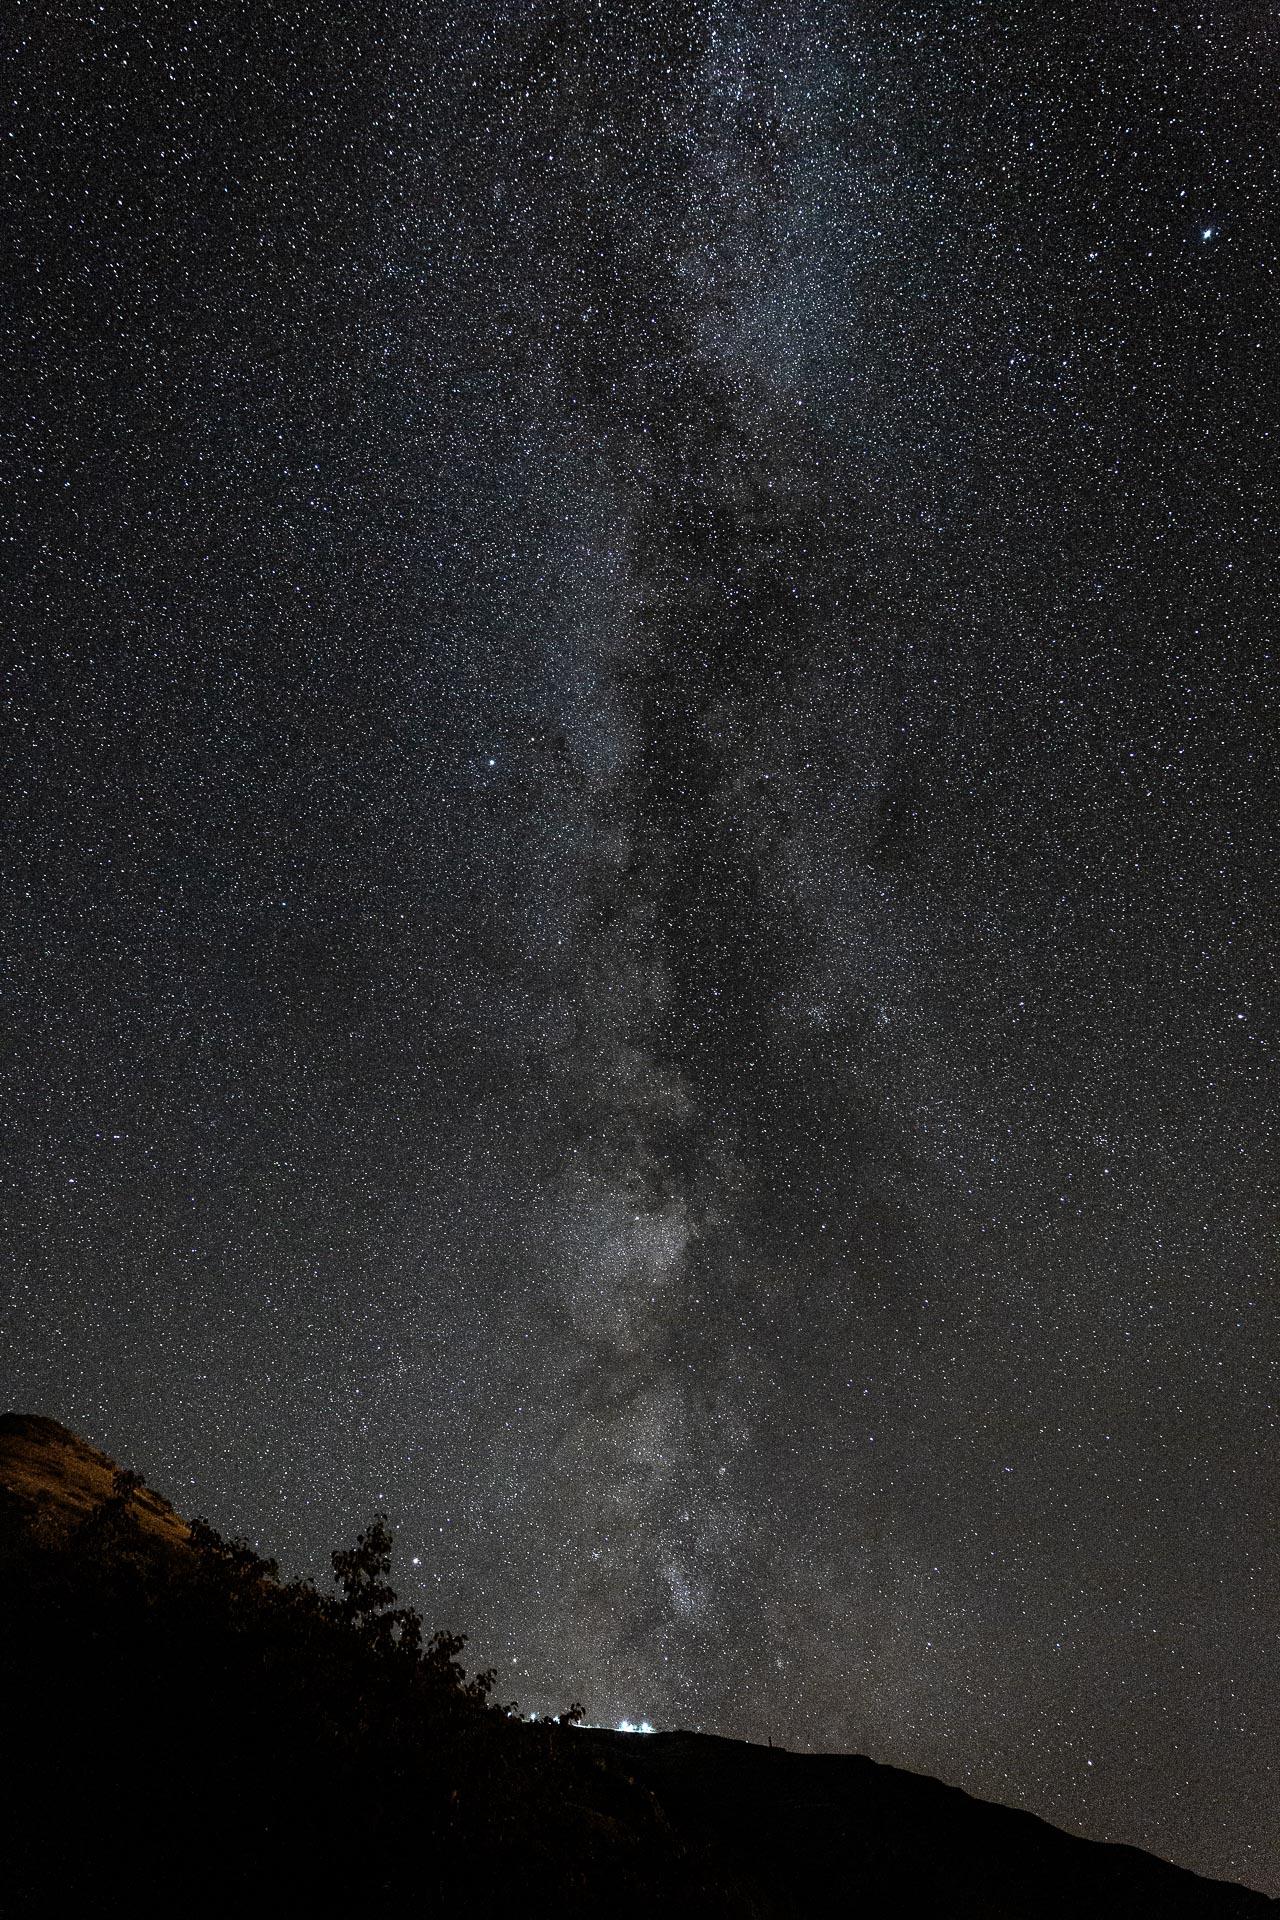 Fotografierst du den Sternenhimmel mit einem Weitwinkel-Objektiv, erhältst du durch einen Vordergrund einen ausgefuchsten Größenvergleich.